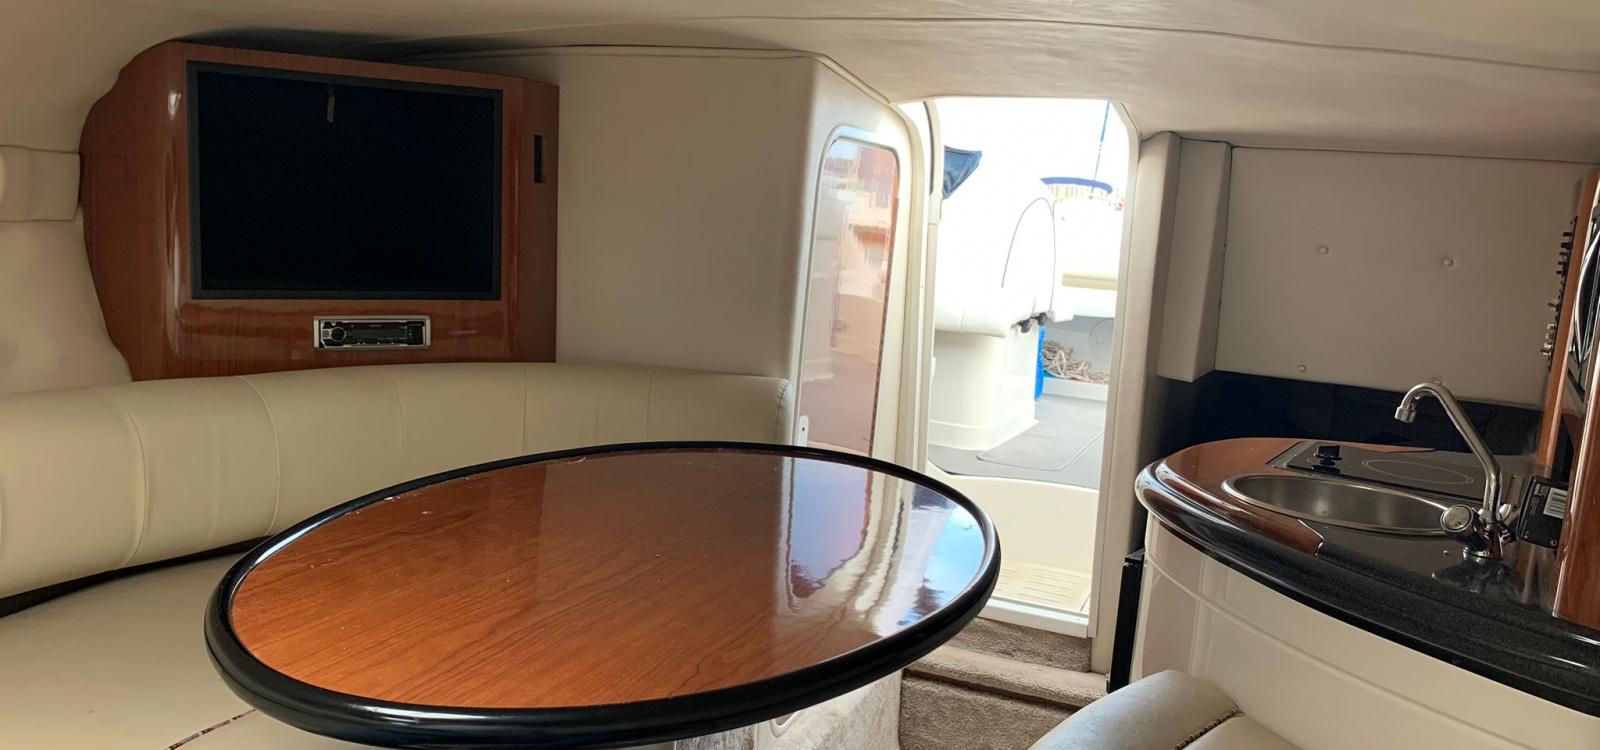 El Masnou,Barcelona,España,1 Dormitorio Habitaciones,1 BañoLavabos,Barco a motor,2113